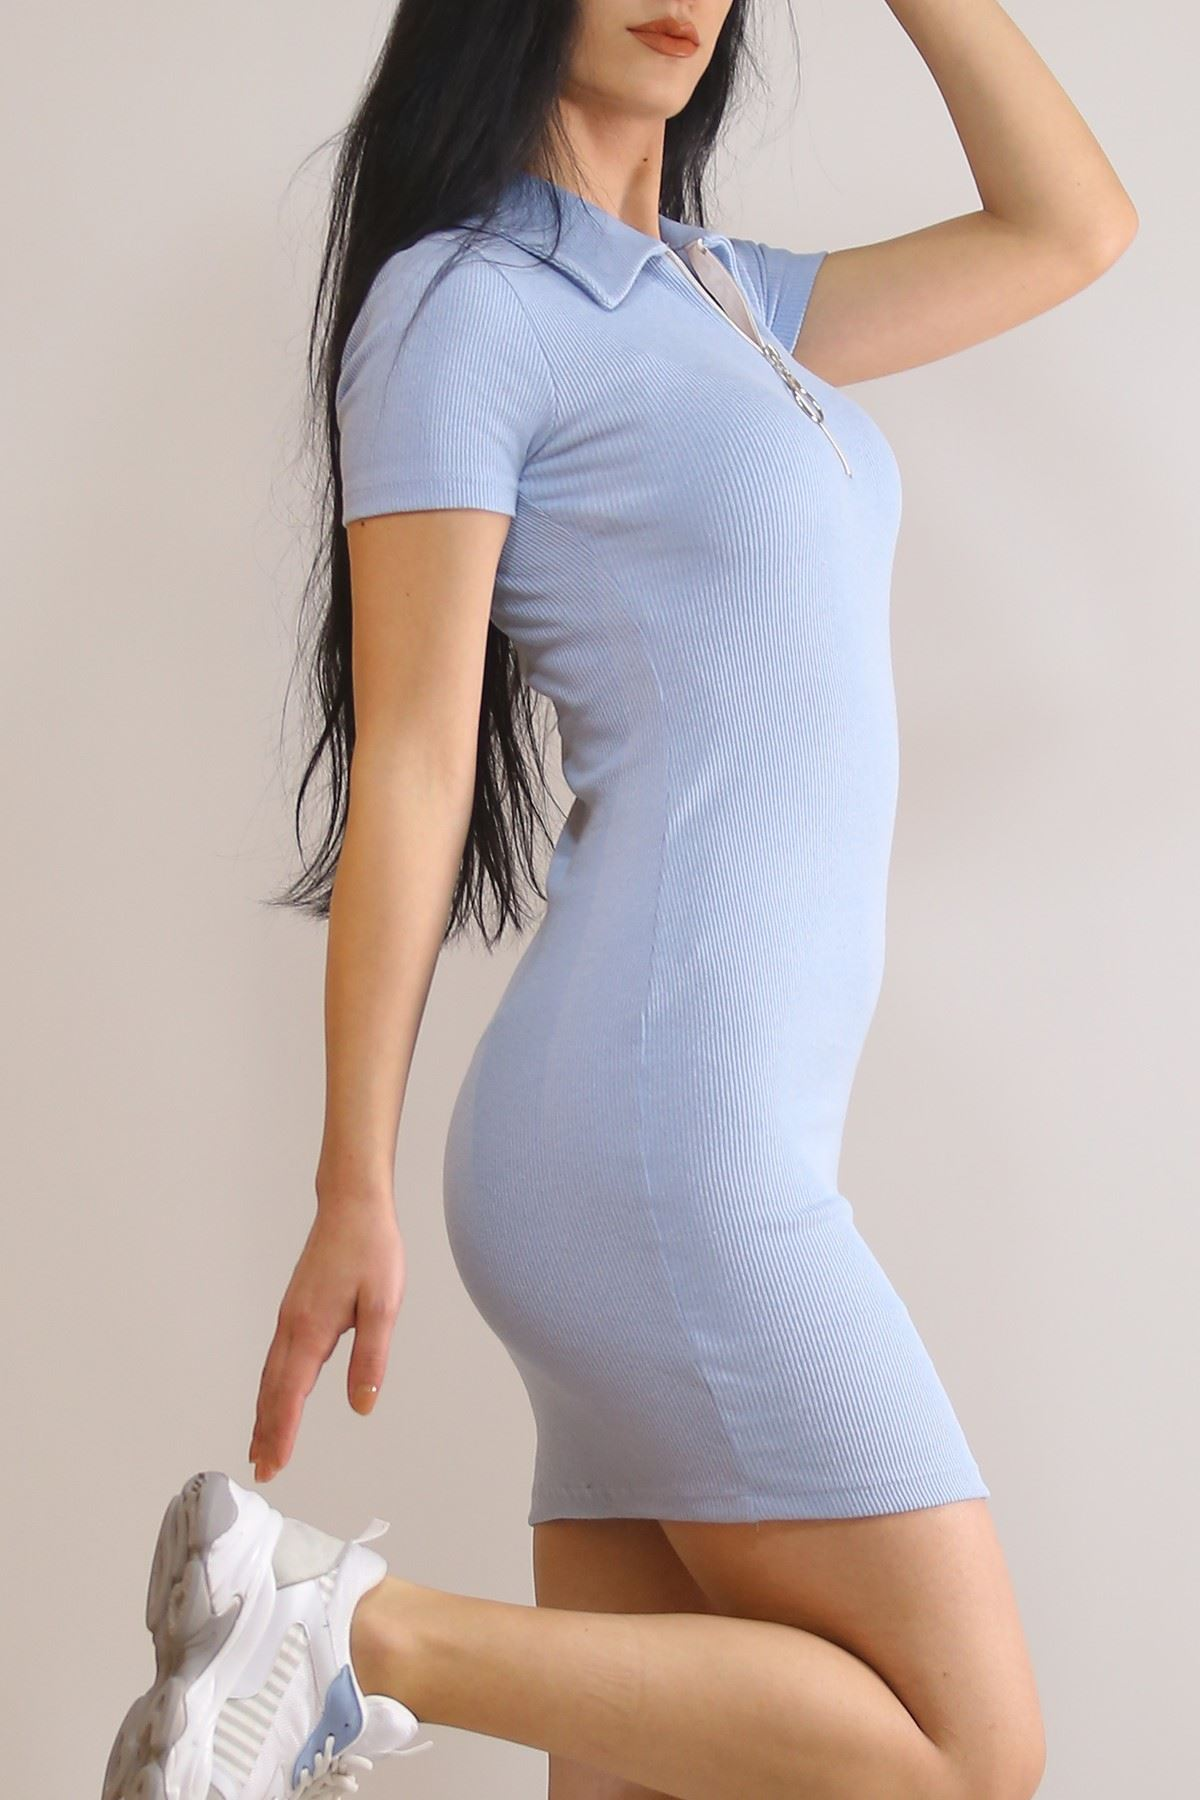 Kaşkorse Yakalı Elbise Bebemavi - 2392.159.